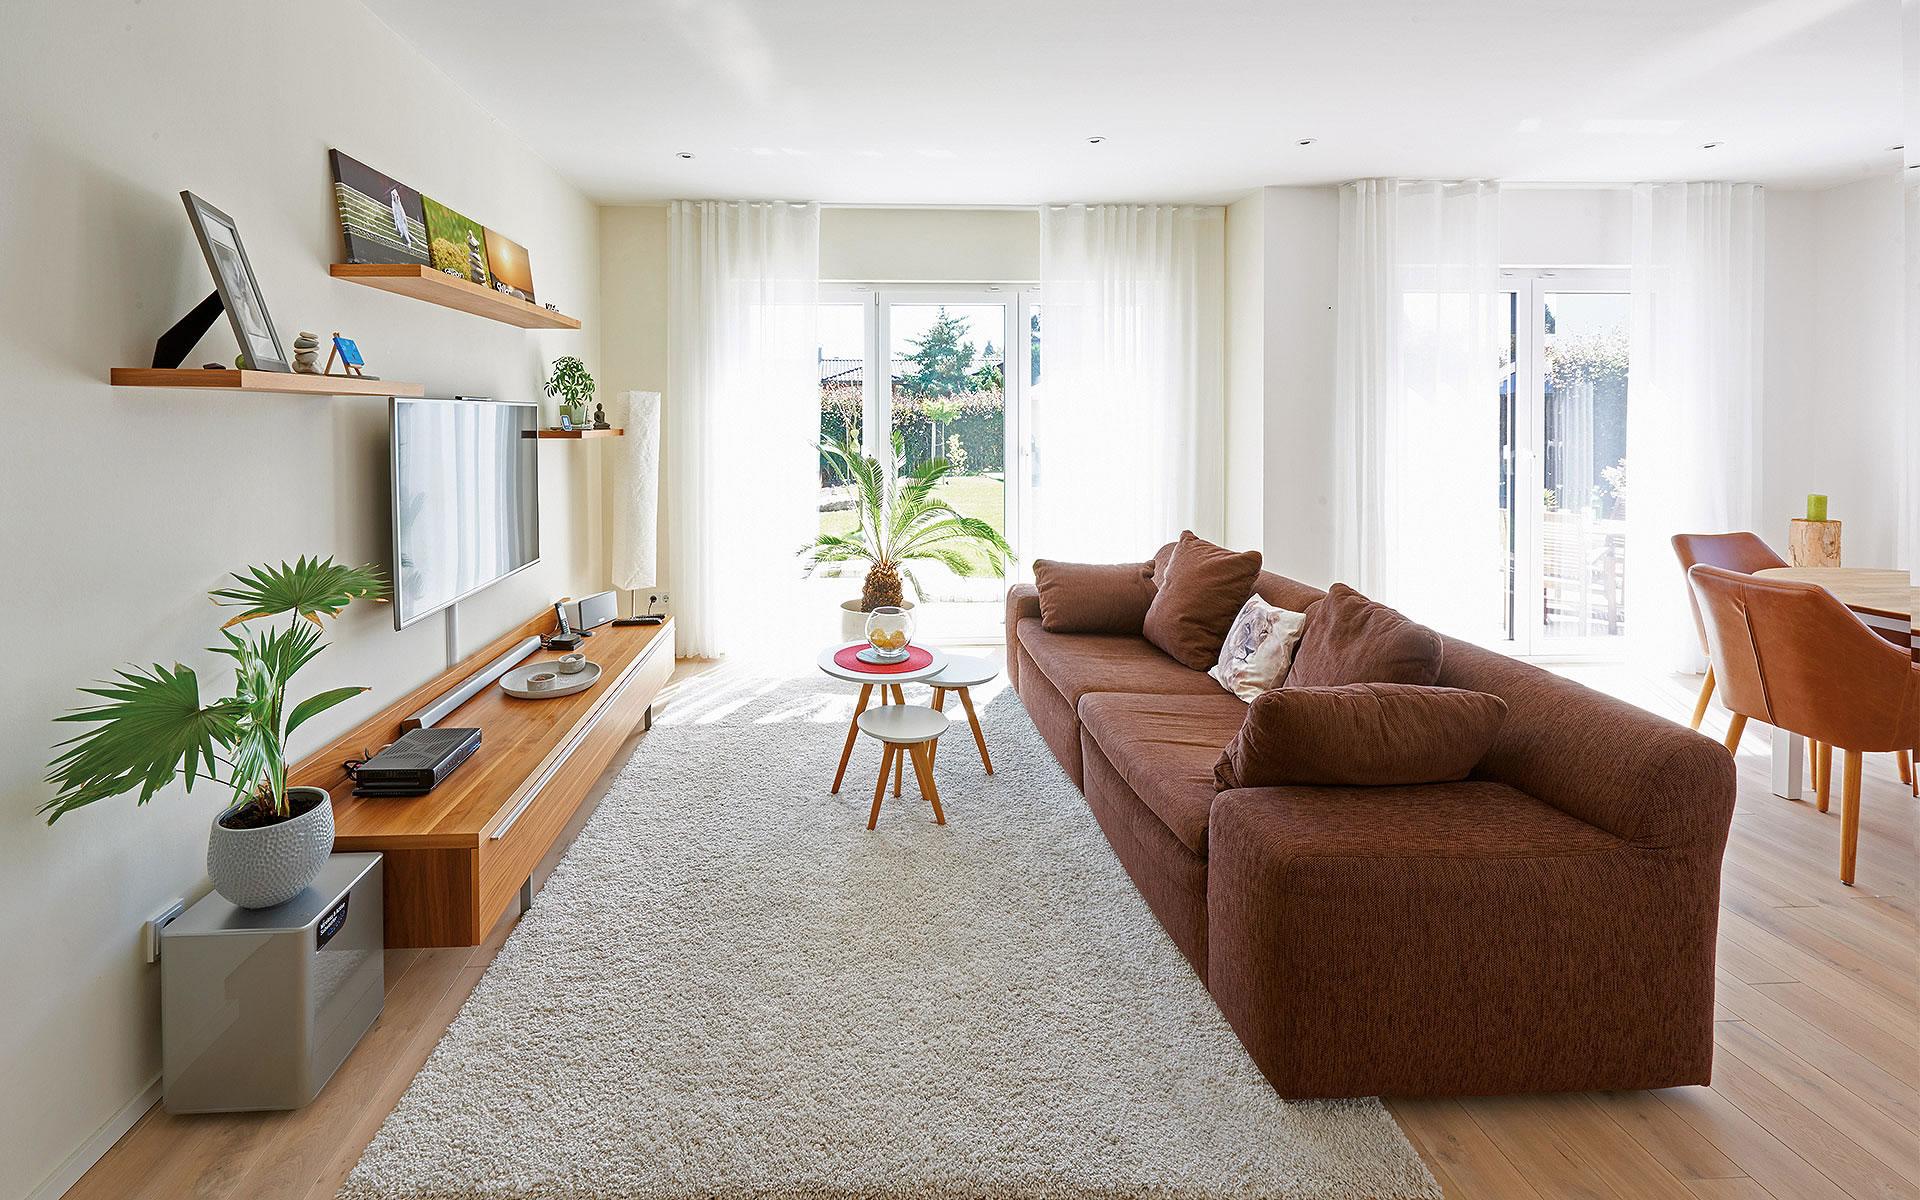 Solaris von Fingerhut Haus GmbH & Co. KG